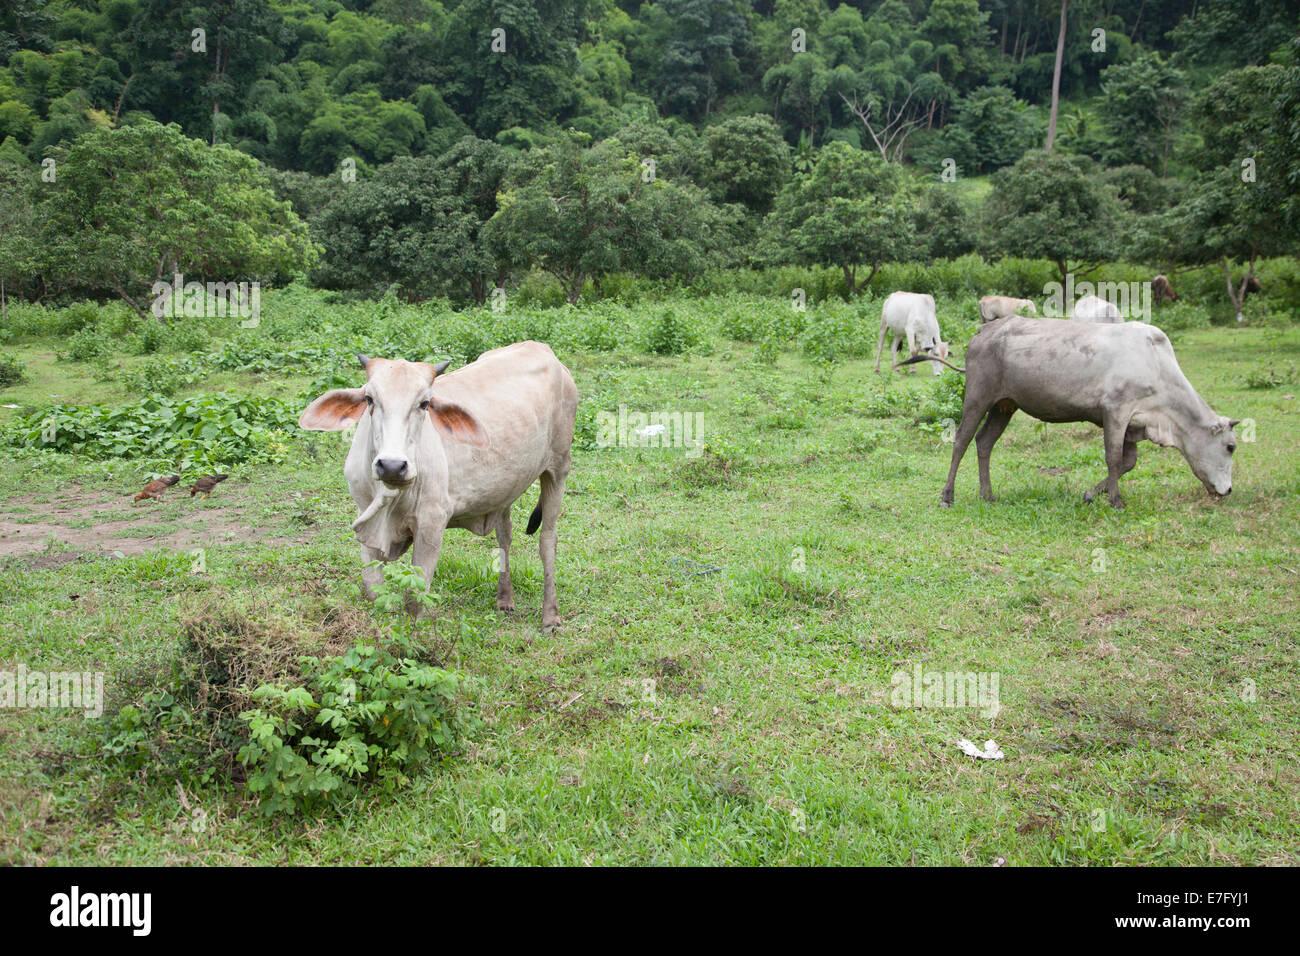 Jungle, forêt, usine, écosystème, Tahiland, asiatique, la chaleur, l'humidité Photo Stock